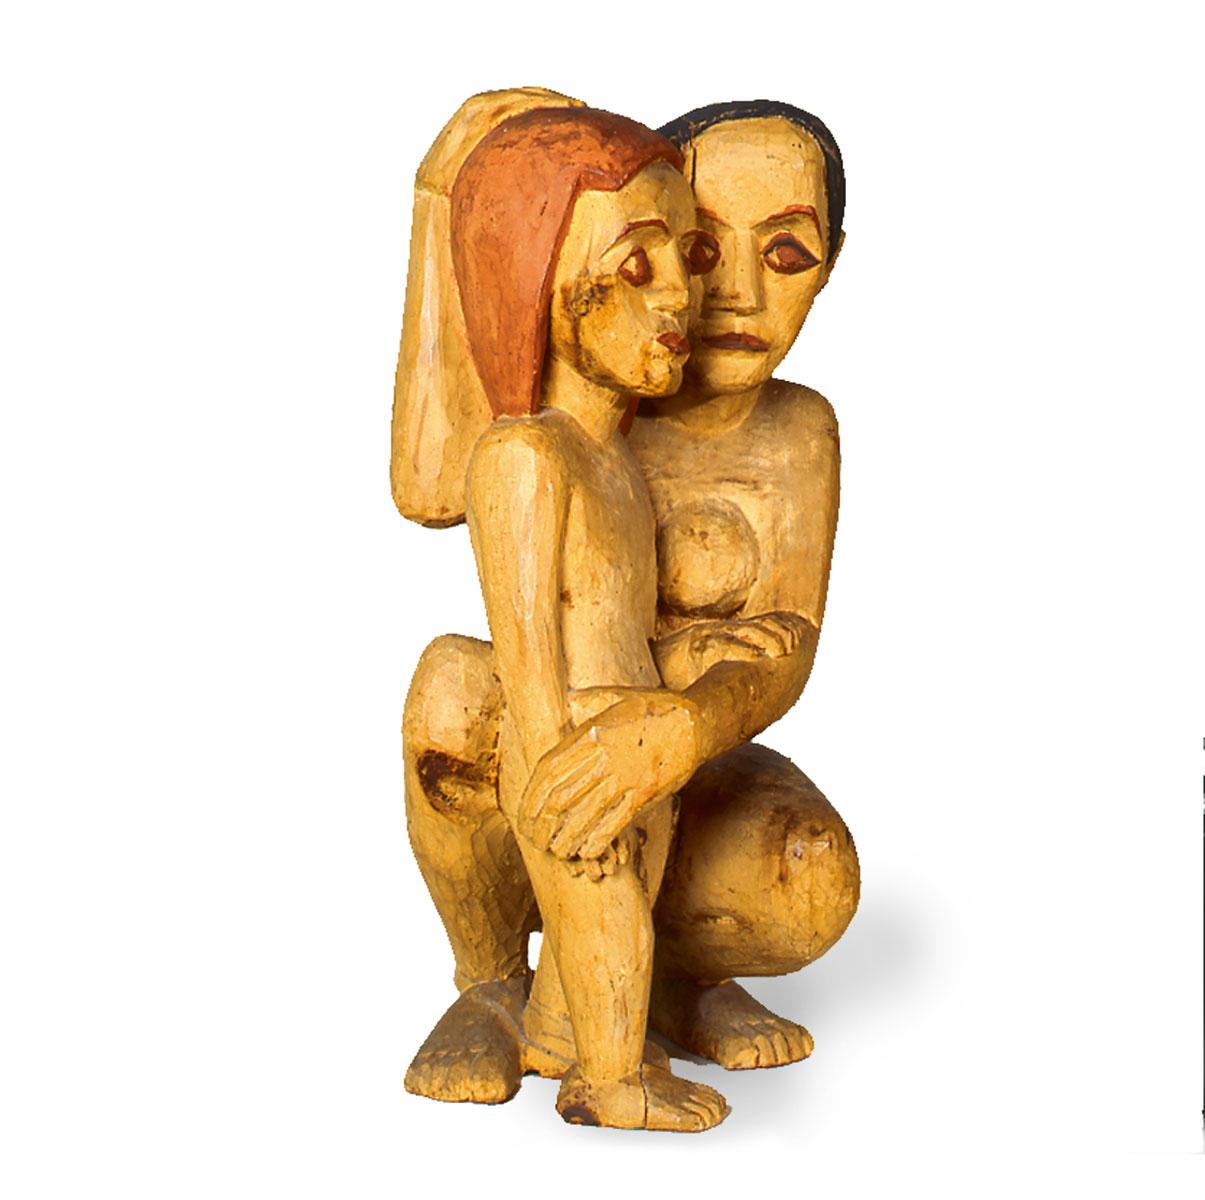 Hermann Scherer, Das kleine Mädchen, 1924/25 – erworben 2004 von der Pfalzgalerie Kaiserslautern mit Hilfe der Kulturstiftung der Länder